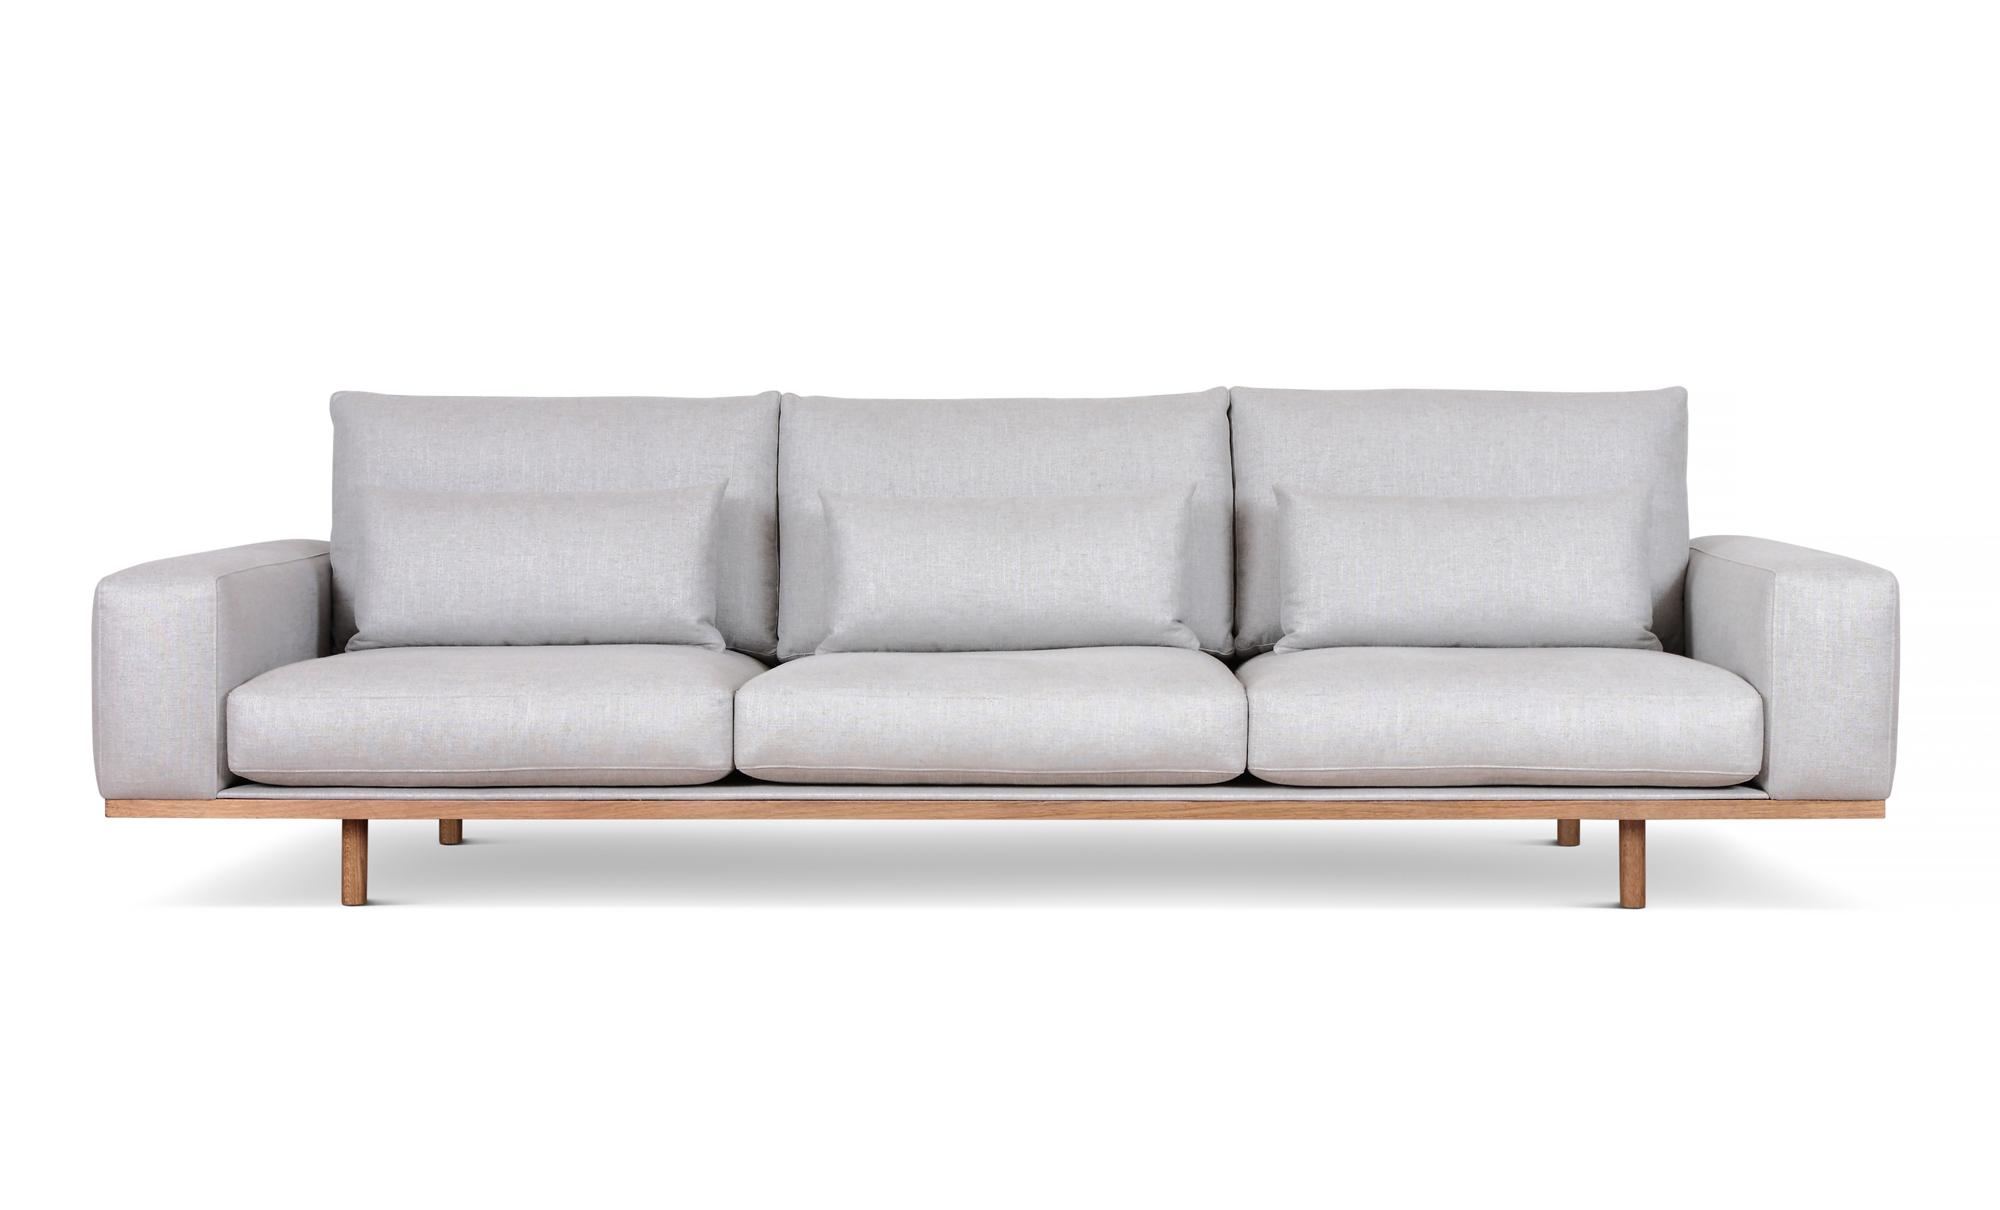 Modernistisk Bella sofa - Fanuli Furniture XS-14